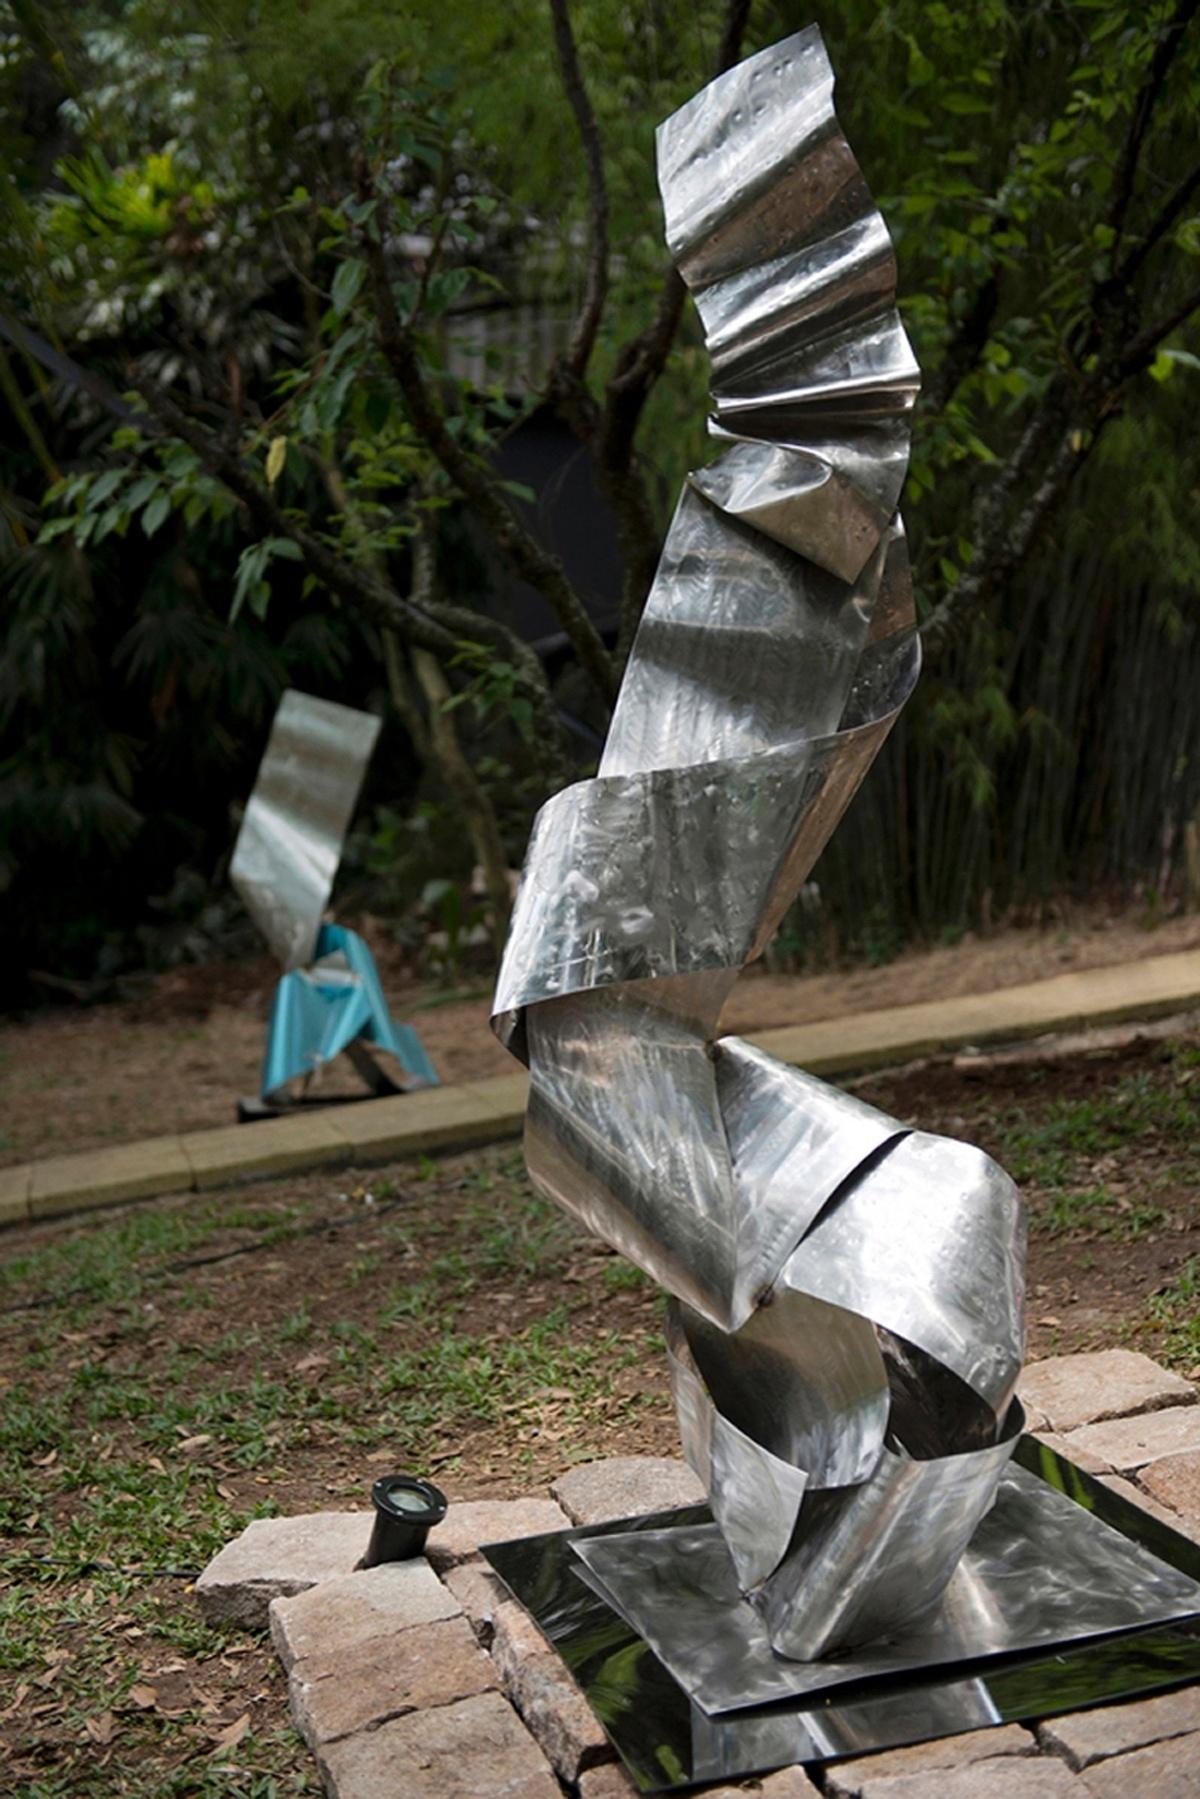 Morar Mais Curitiba - 2012: Bosque das Esculturas-Andreia M de Menezes, Éder Mattiolli, Emanuel Nunes e Roger Claudino